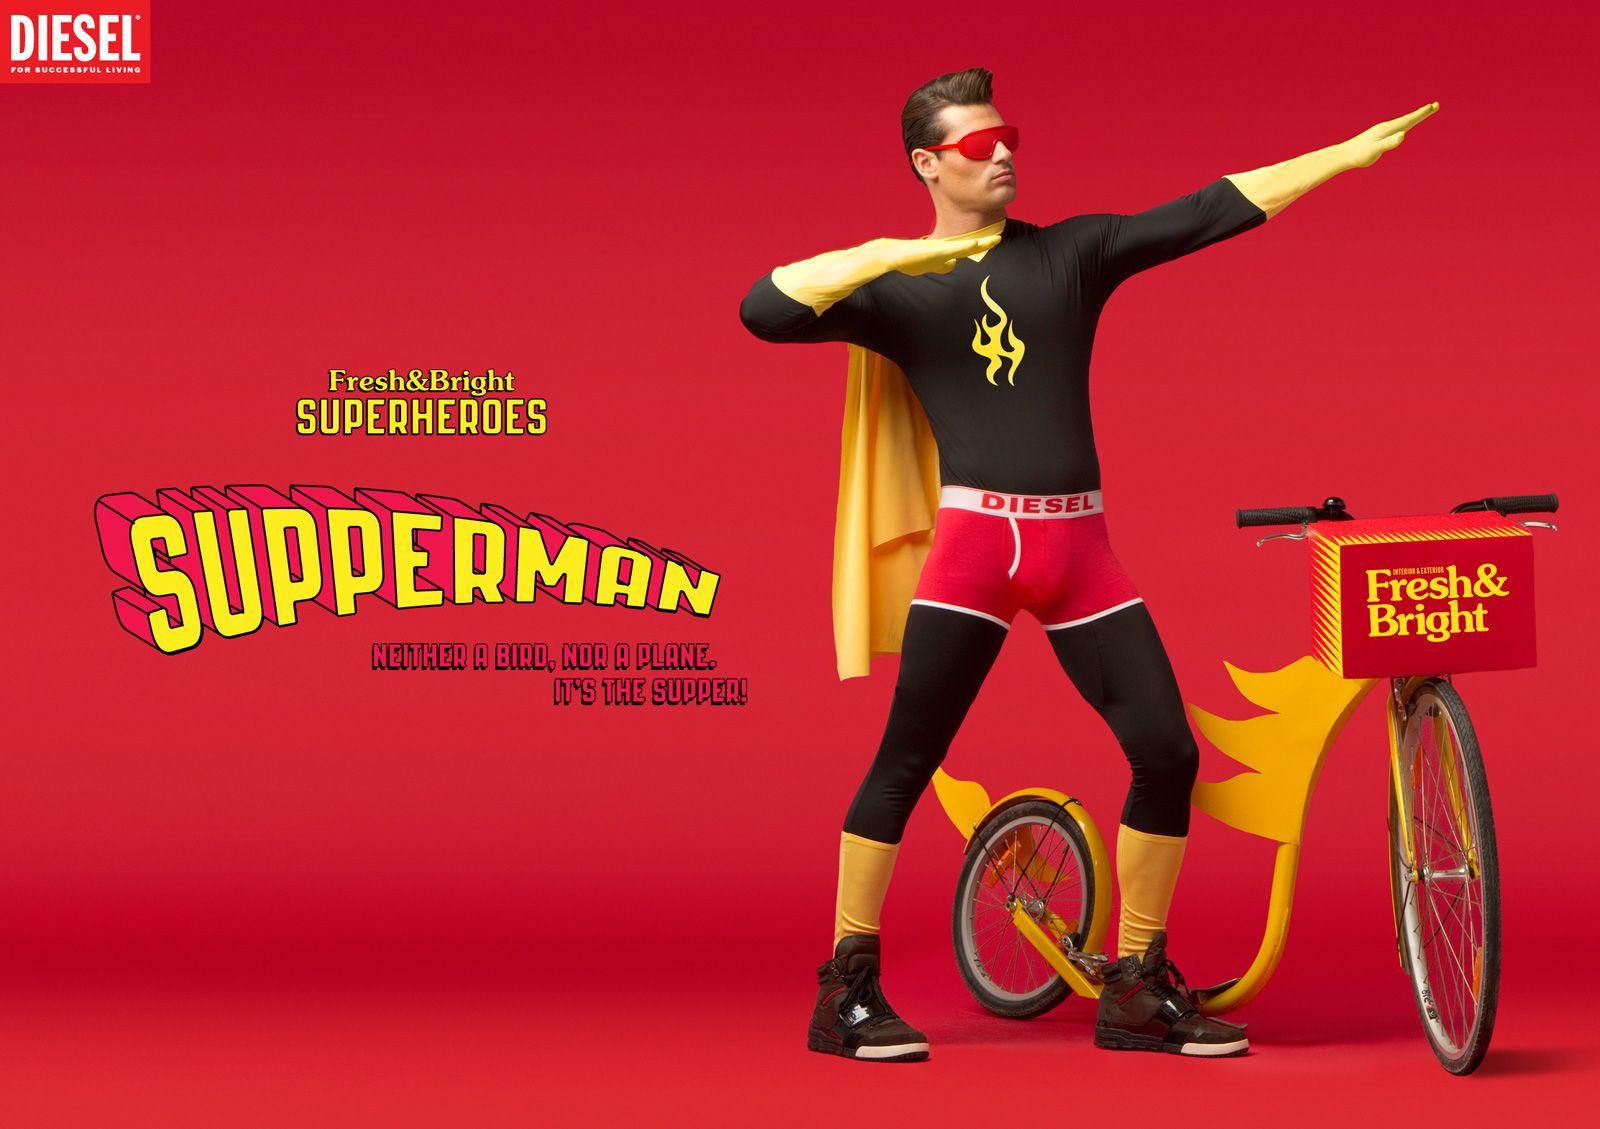 Super Héros Supperman